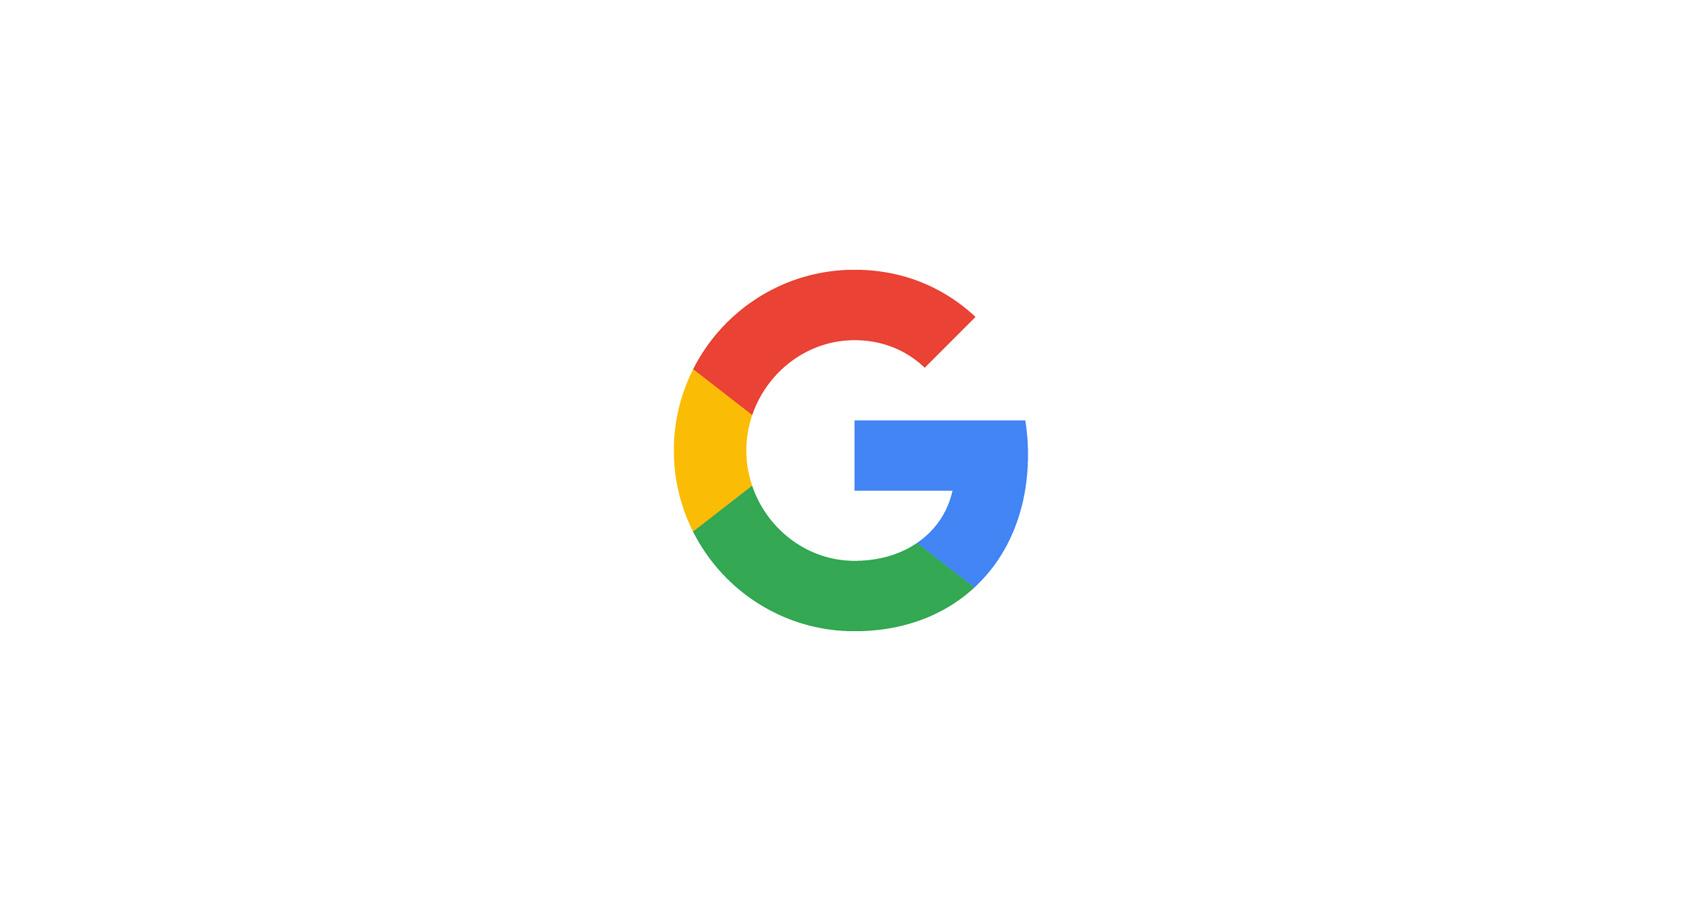 3 actualités qui ont marqué la semaine : 20 ans de Google, Huawei Mate 20 Pro et pannes chez Free et Bouygues